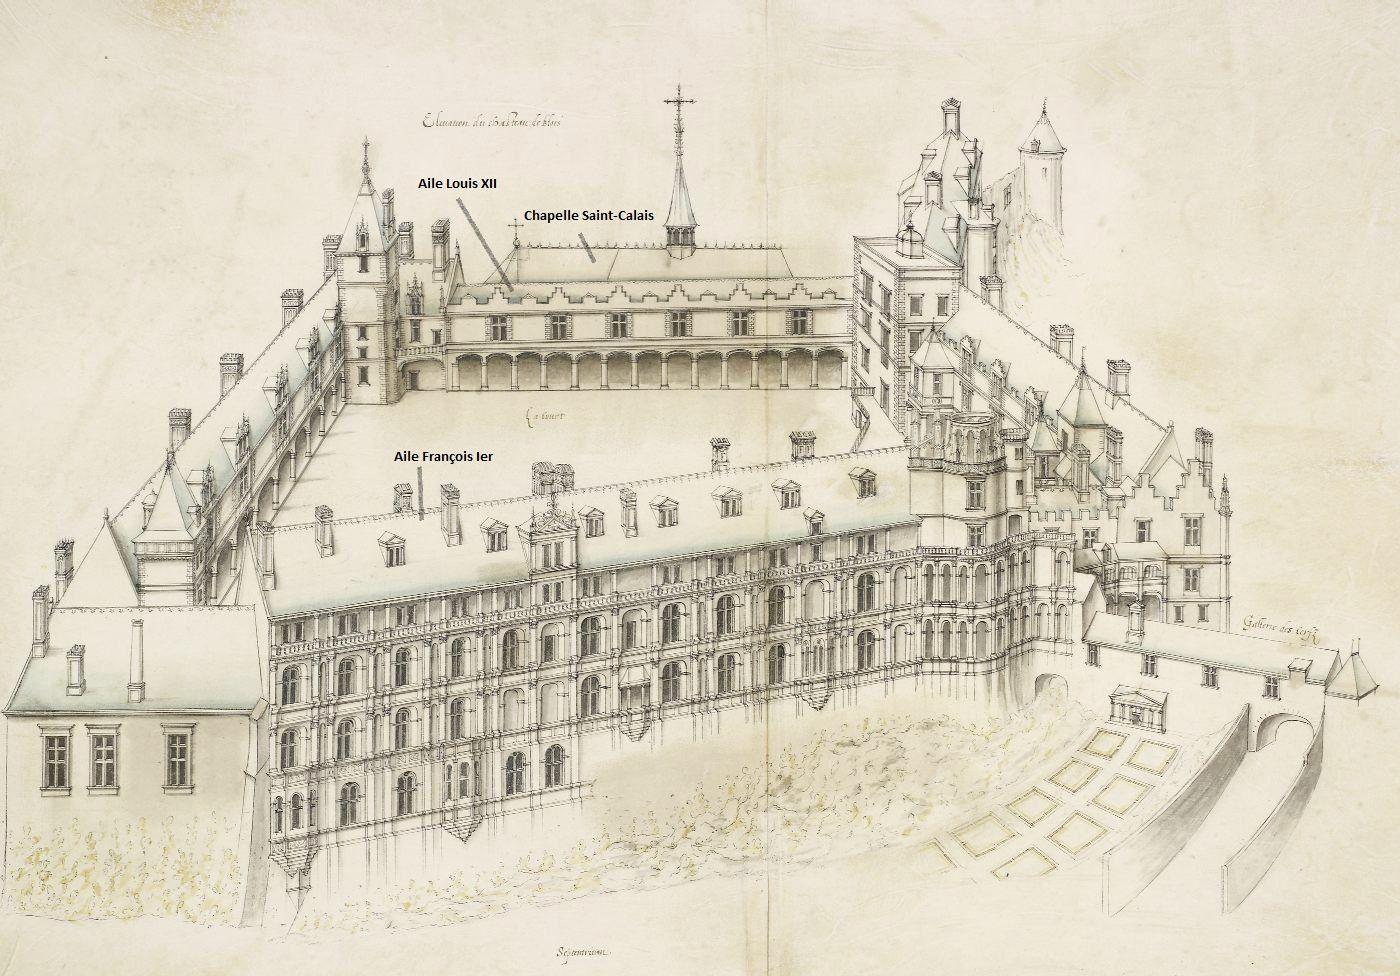 Le château de Blois : genèse d'une architecture Renaissance